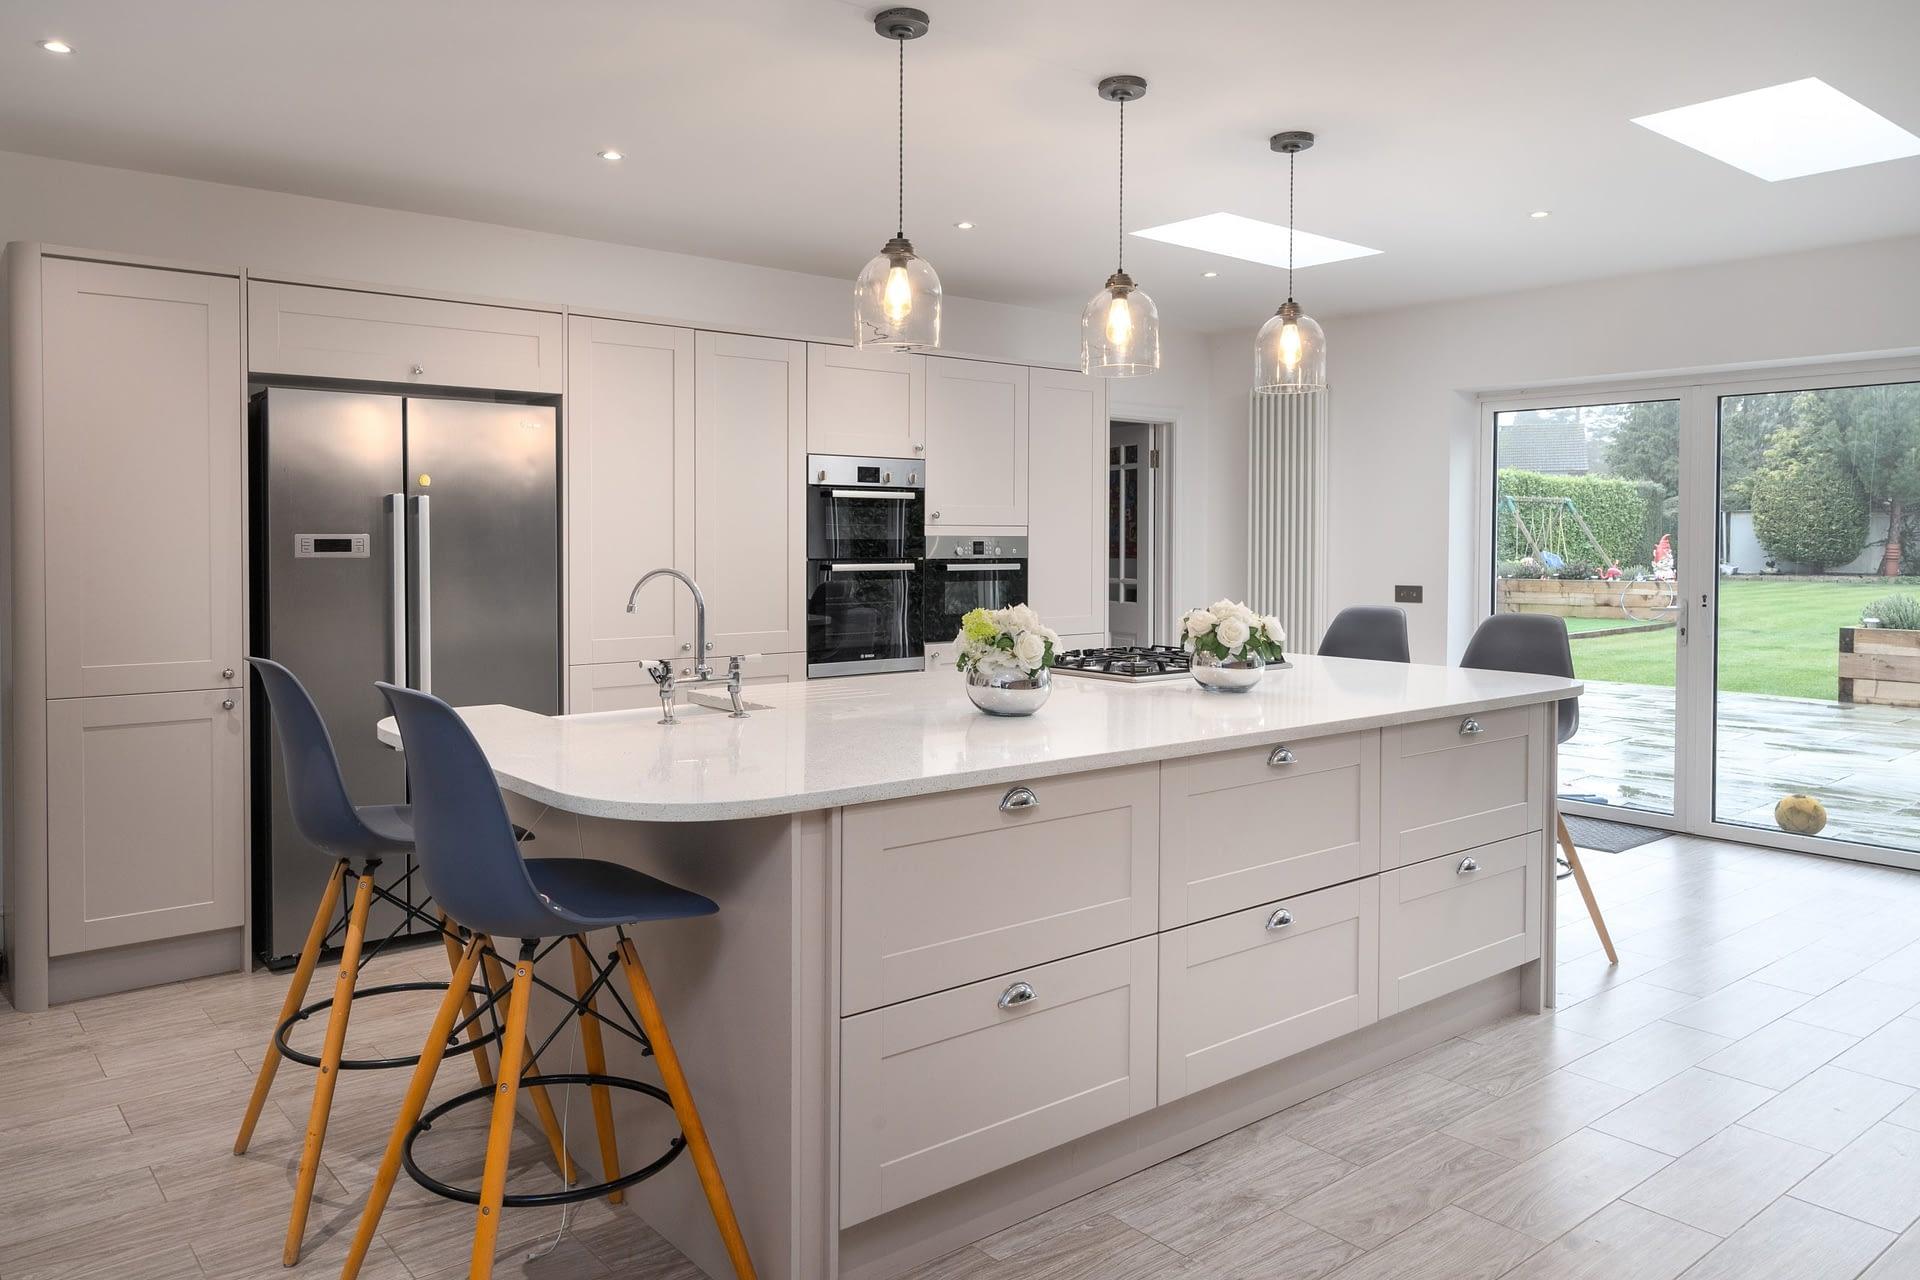 Luxury modern kitchen in Buckinghamshire